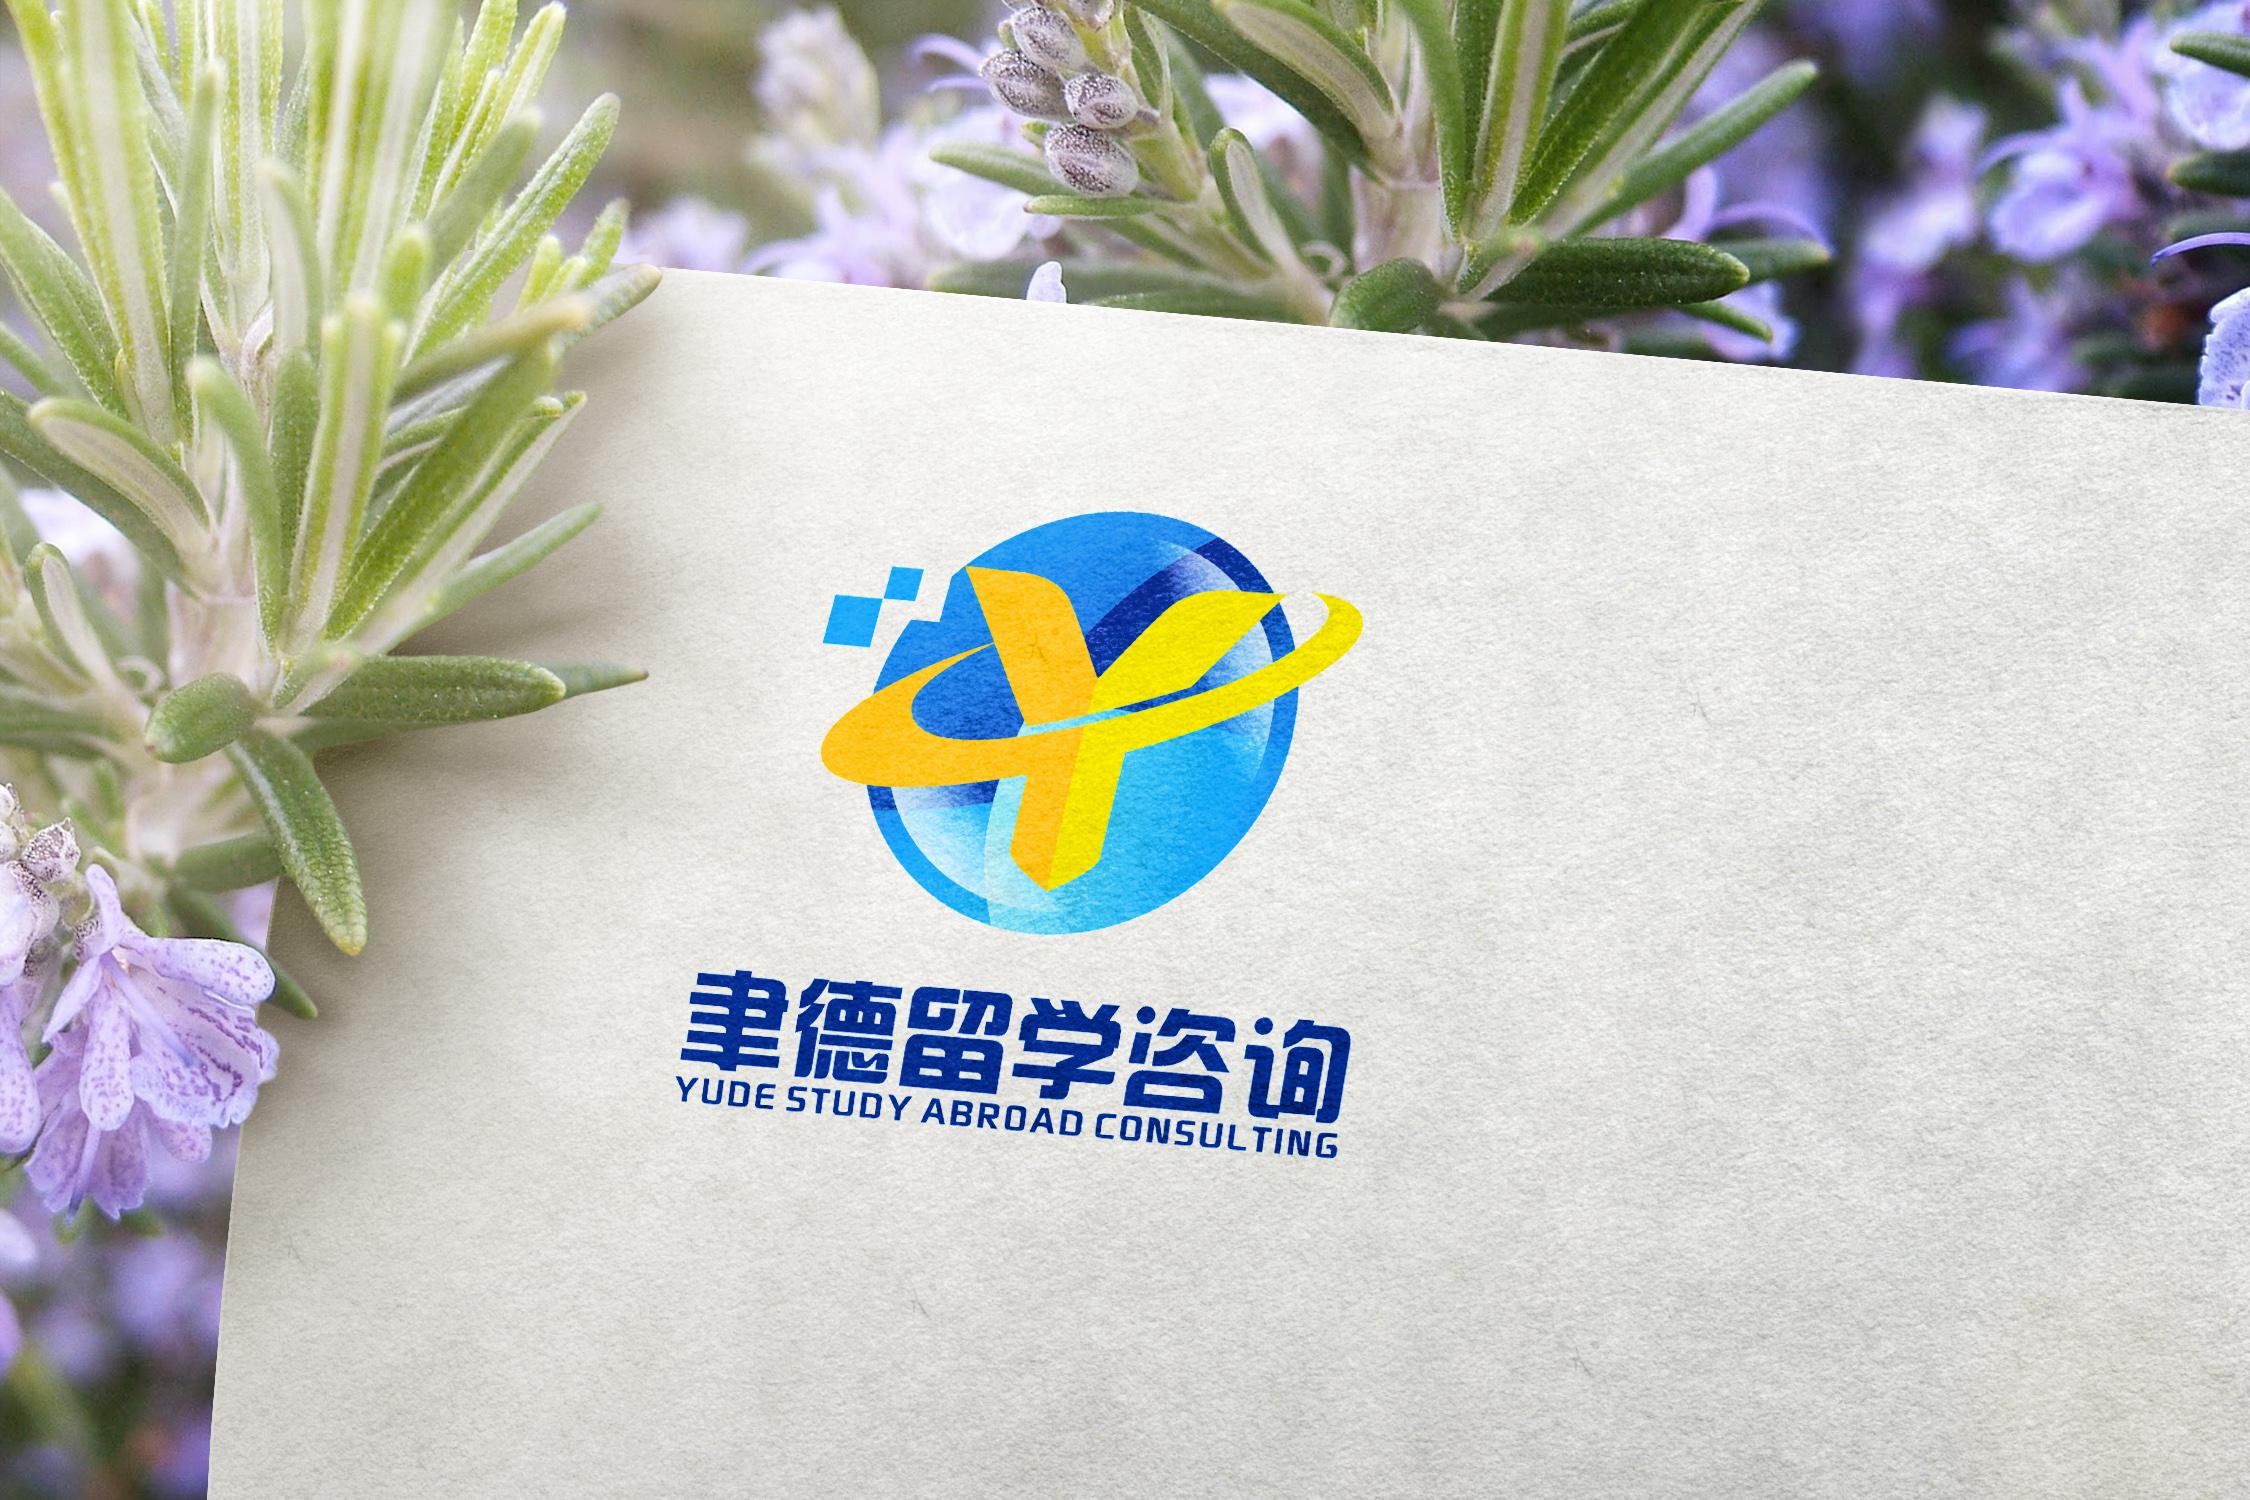 留学咨询公司标志设计_2963917_k68威客网